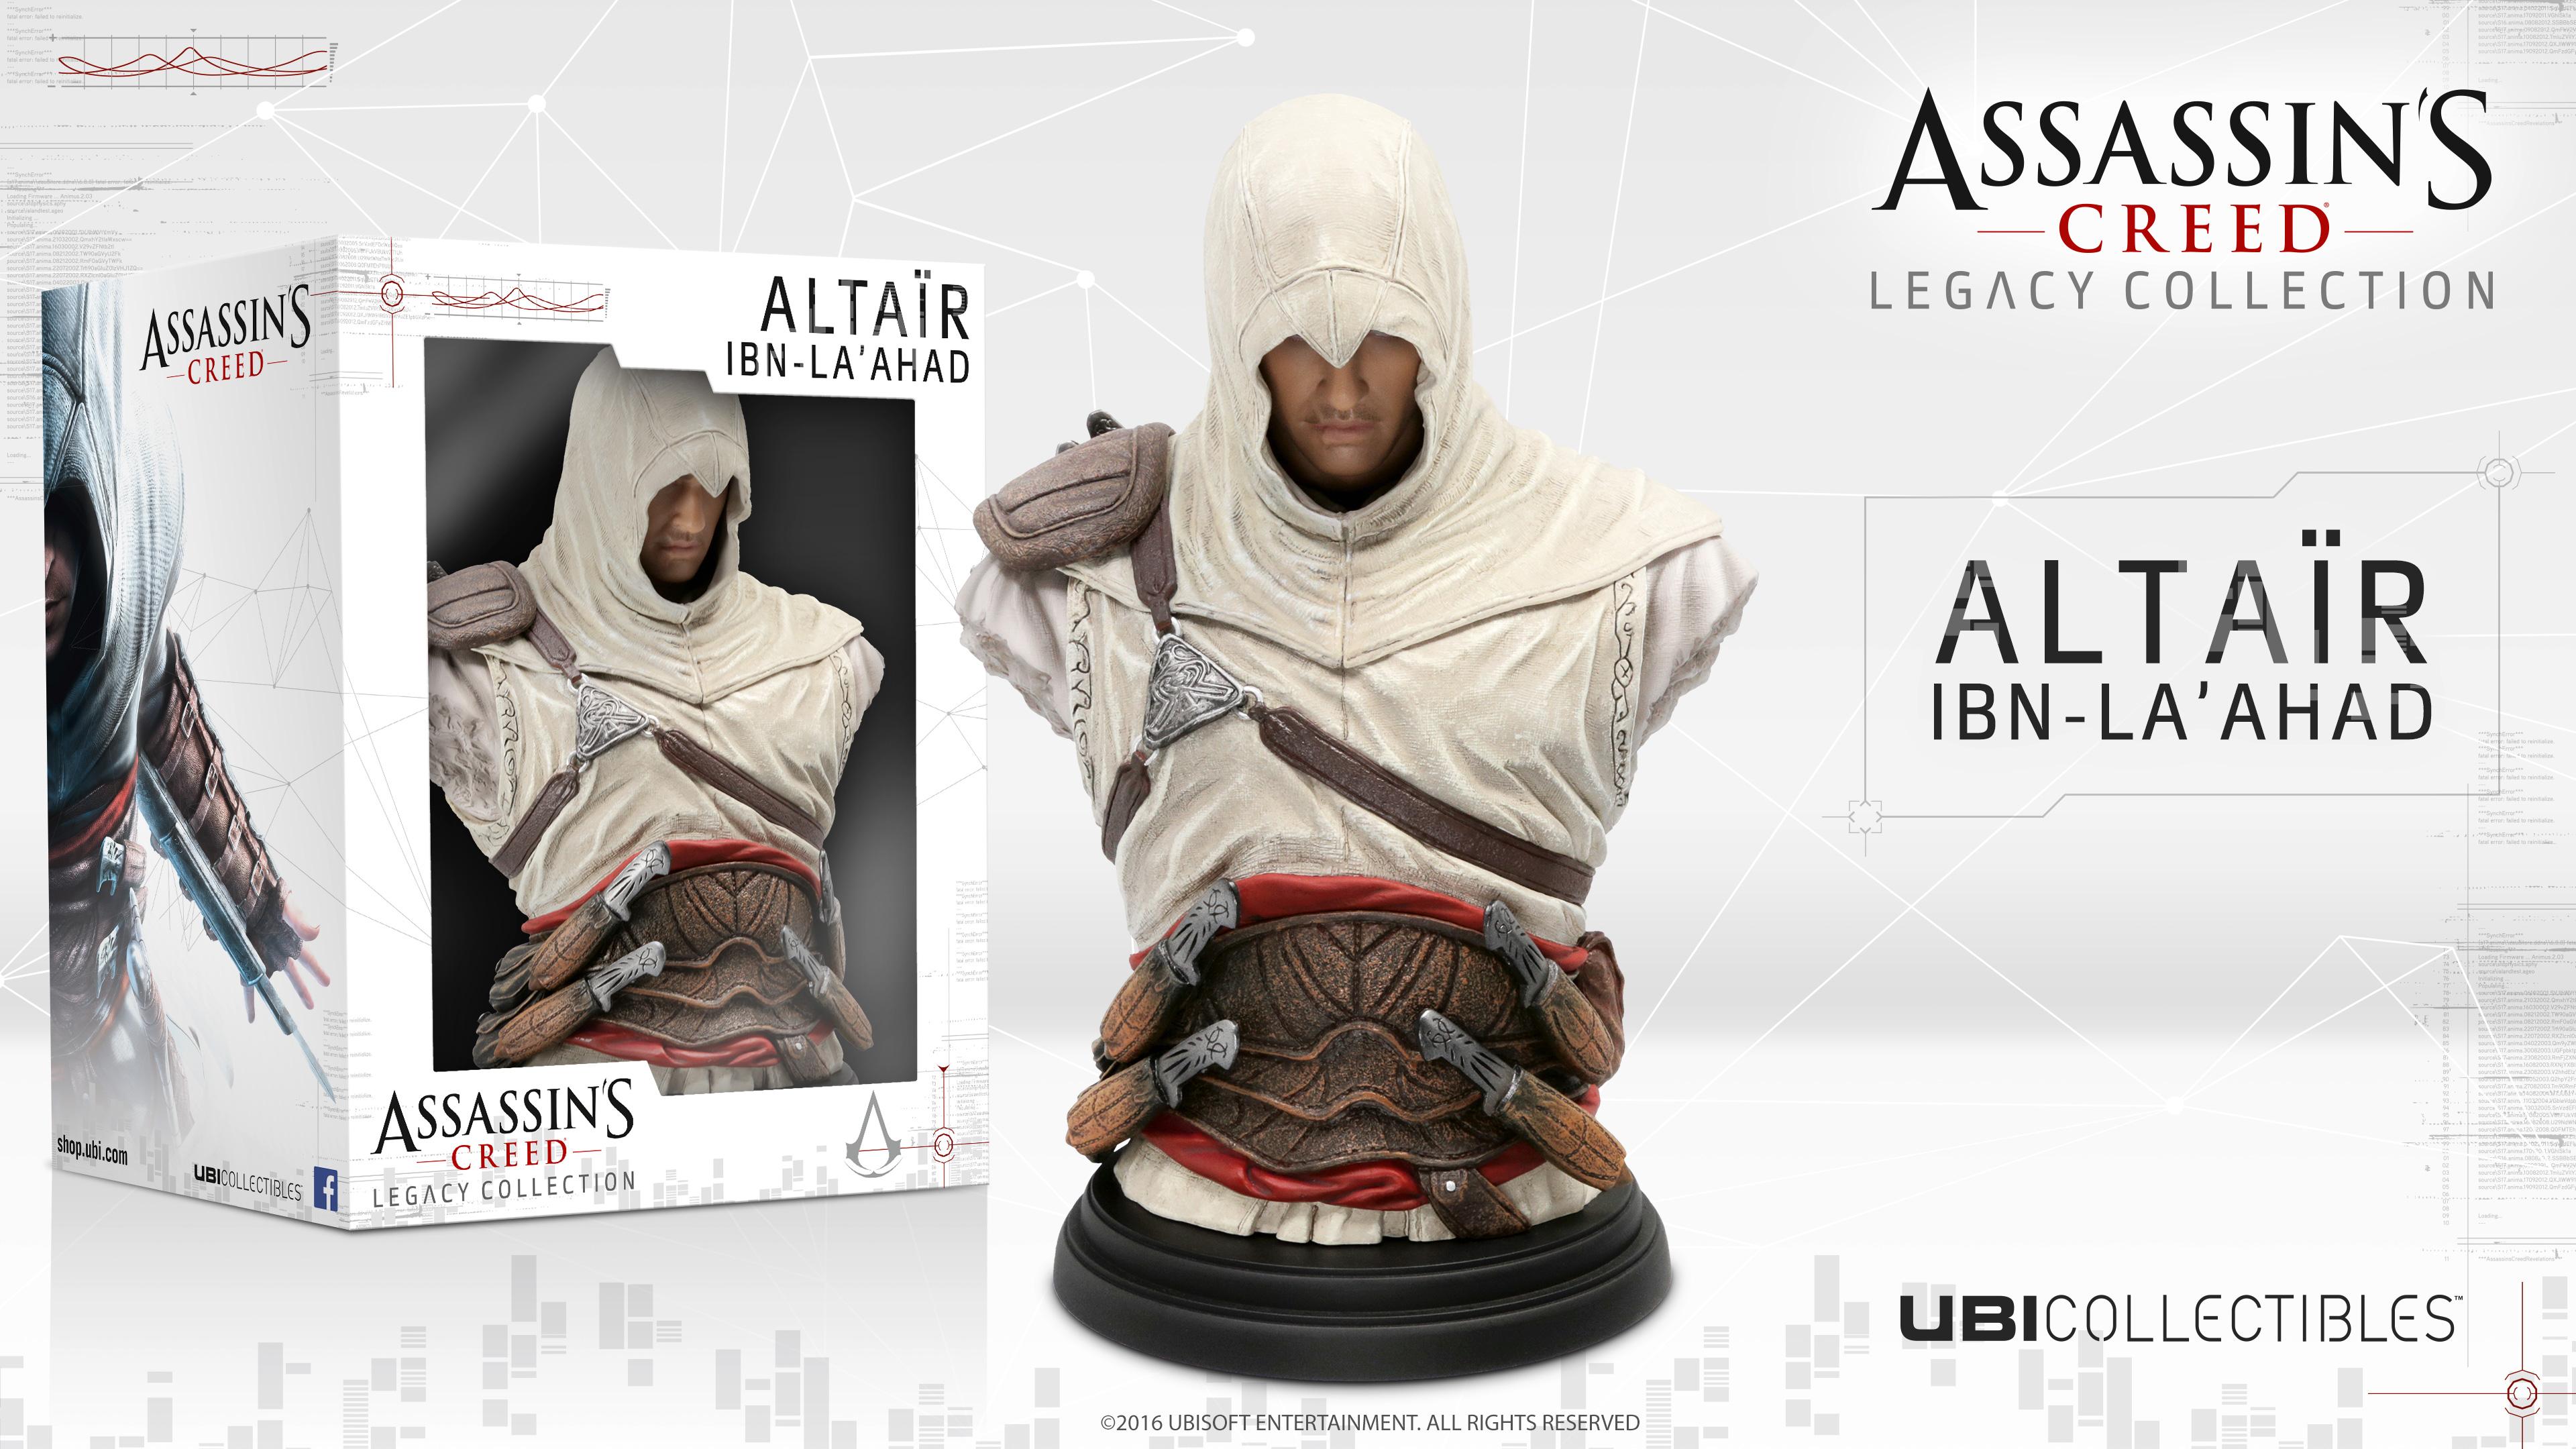 Altair Buste Ubicollectibles